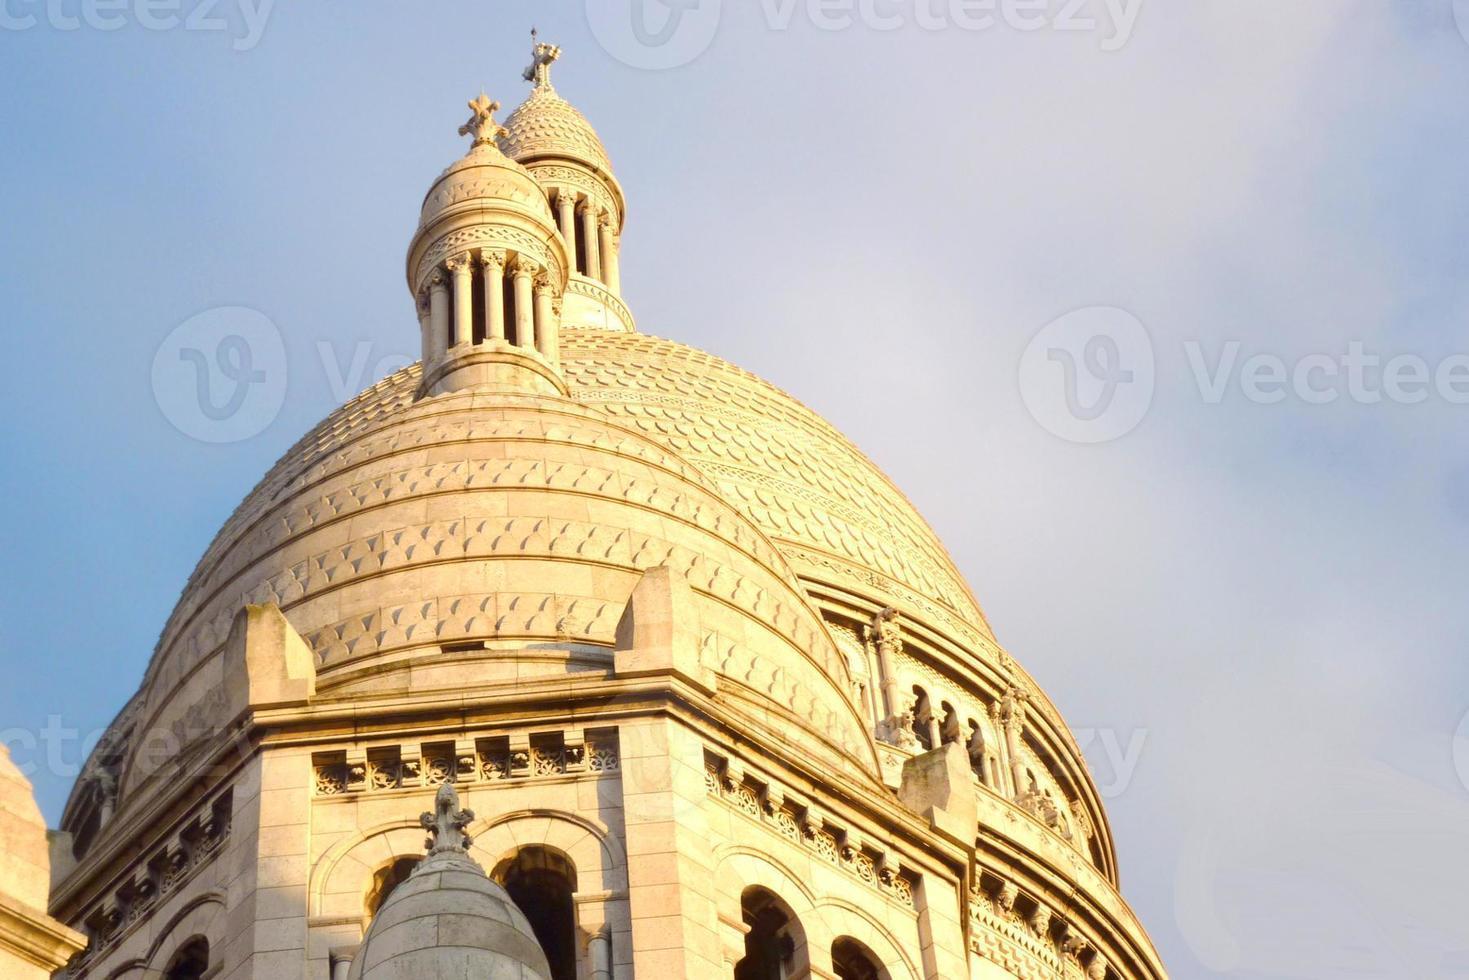 basilique du sacré-coeur, paris photo